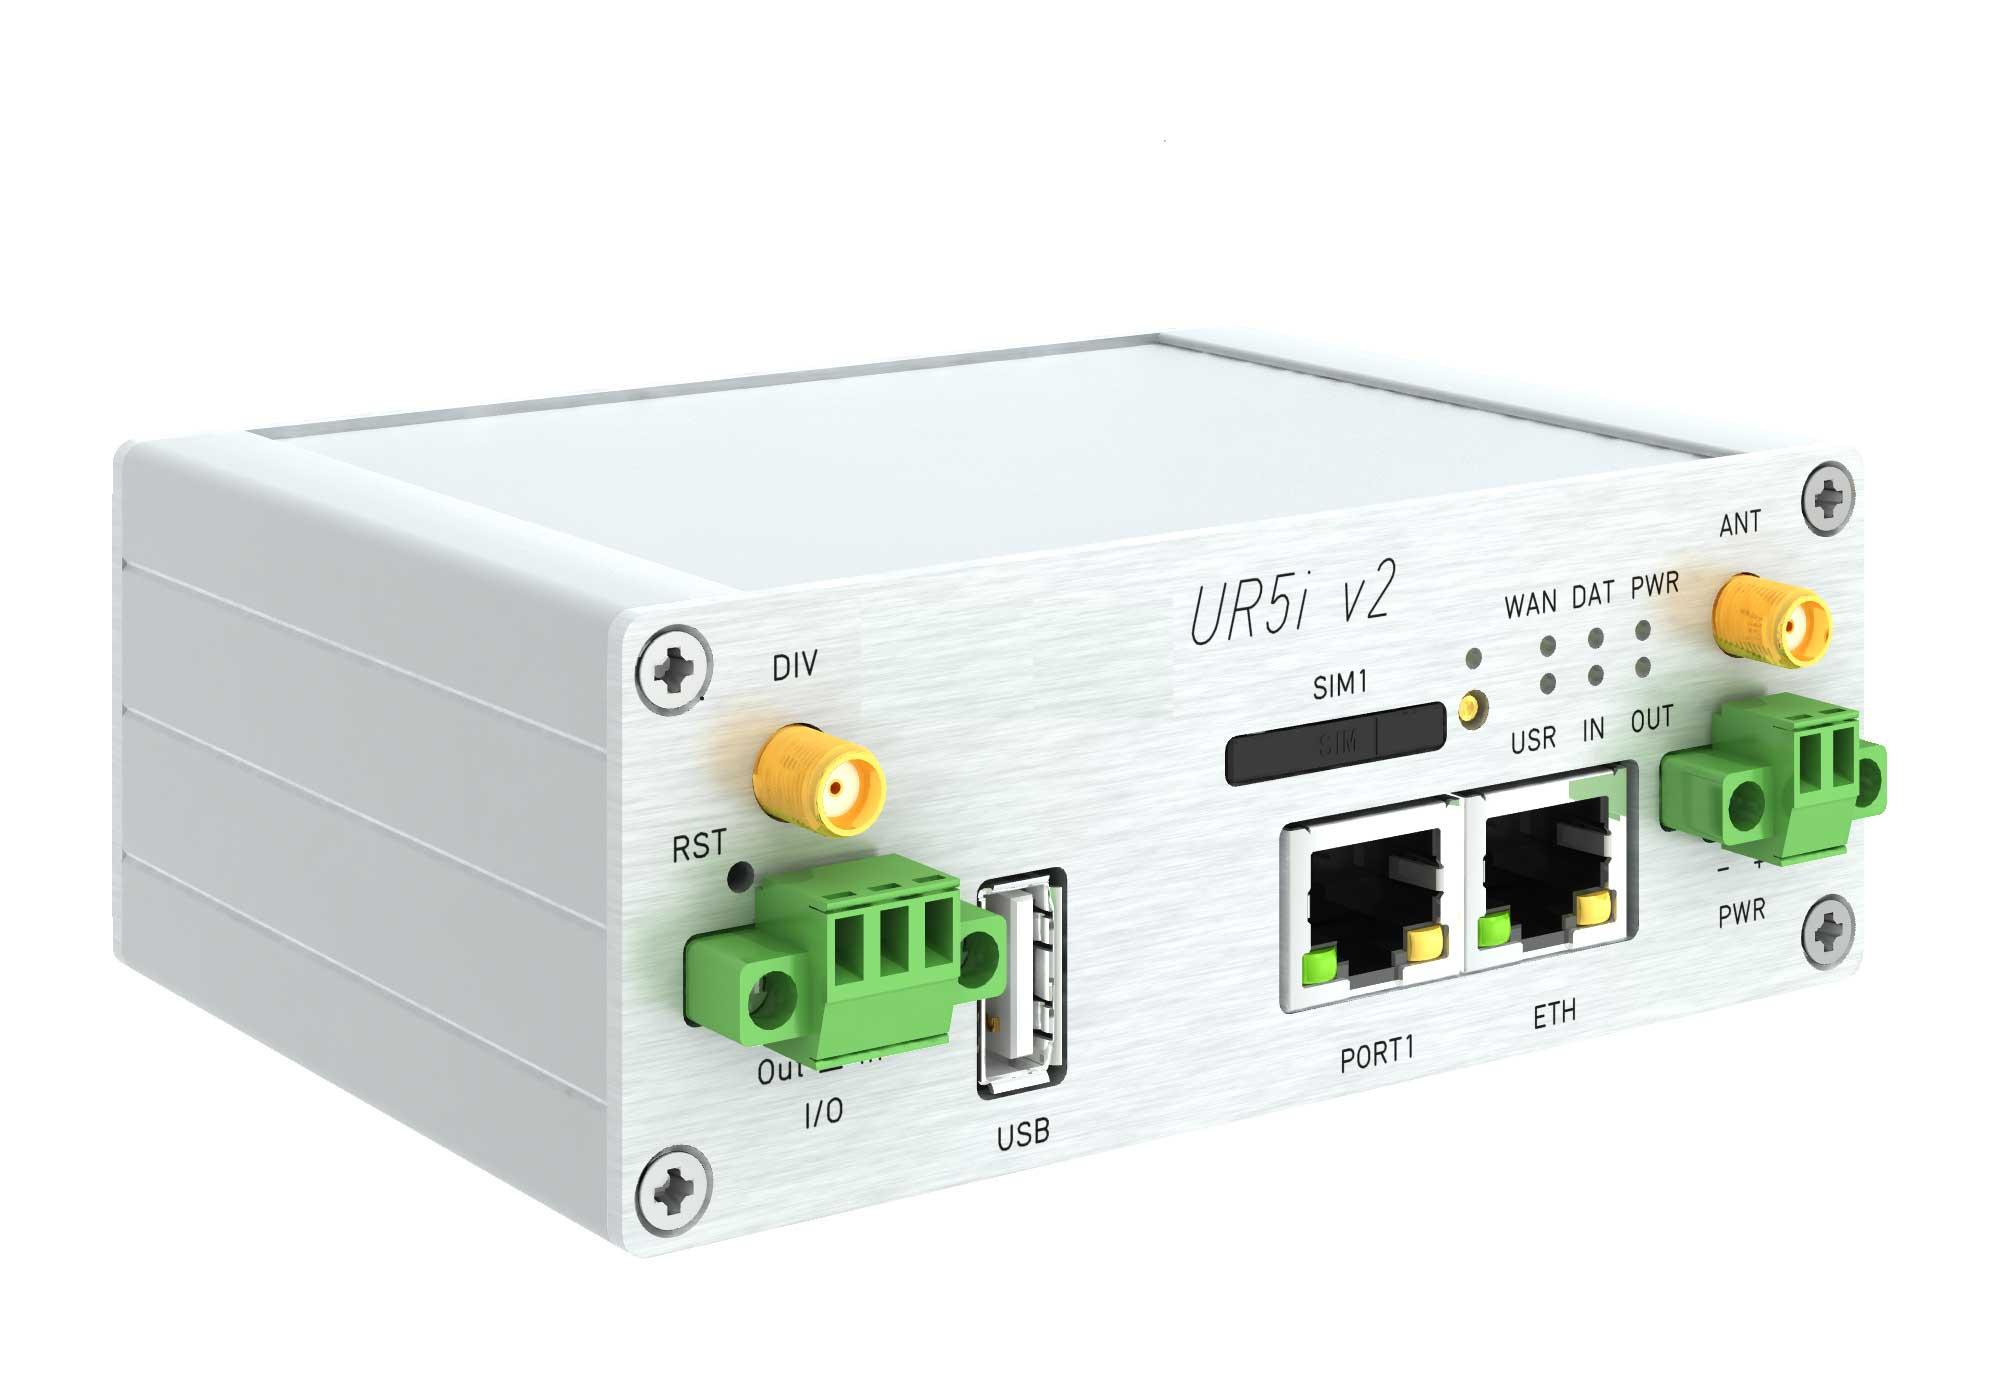 UMTS/HSPA+ ROUTER UR5I V2